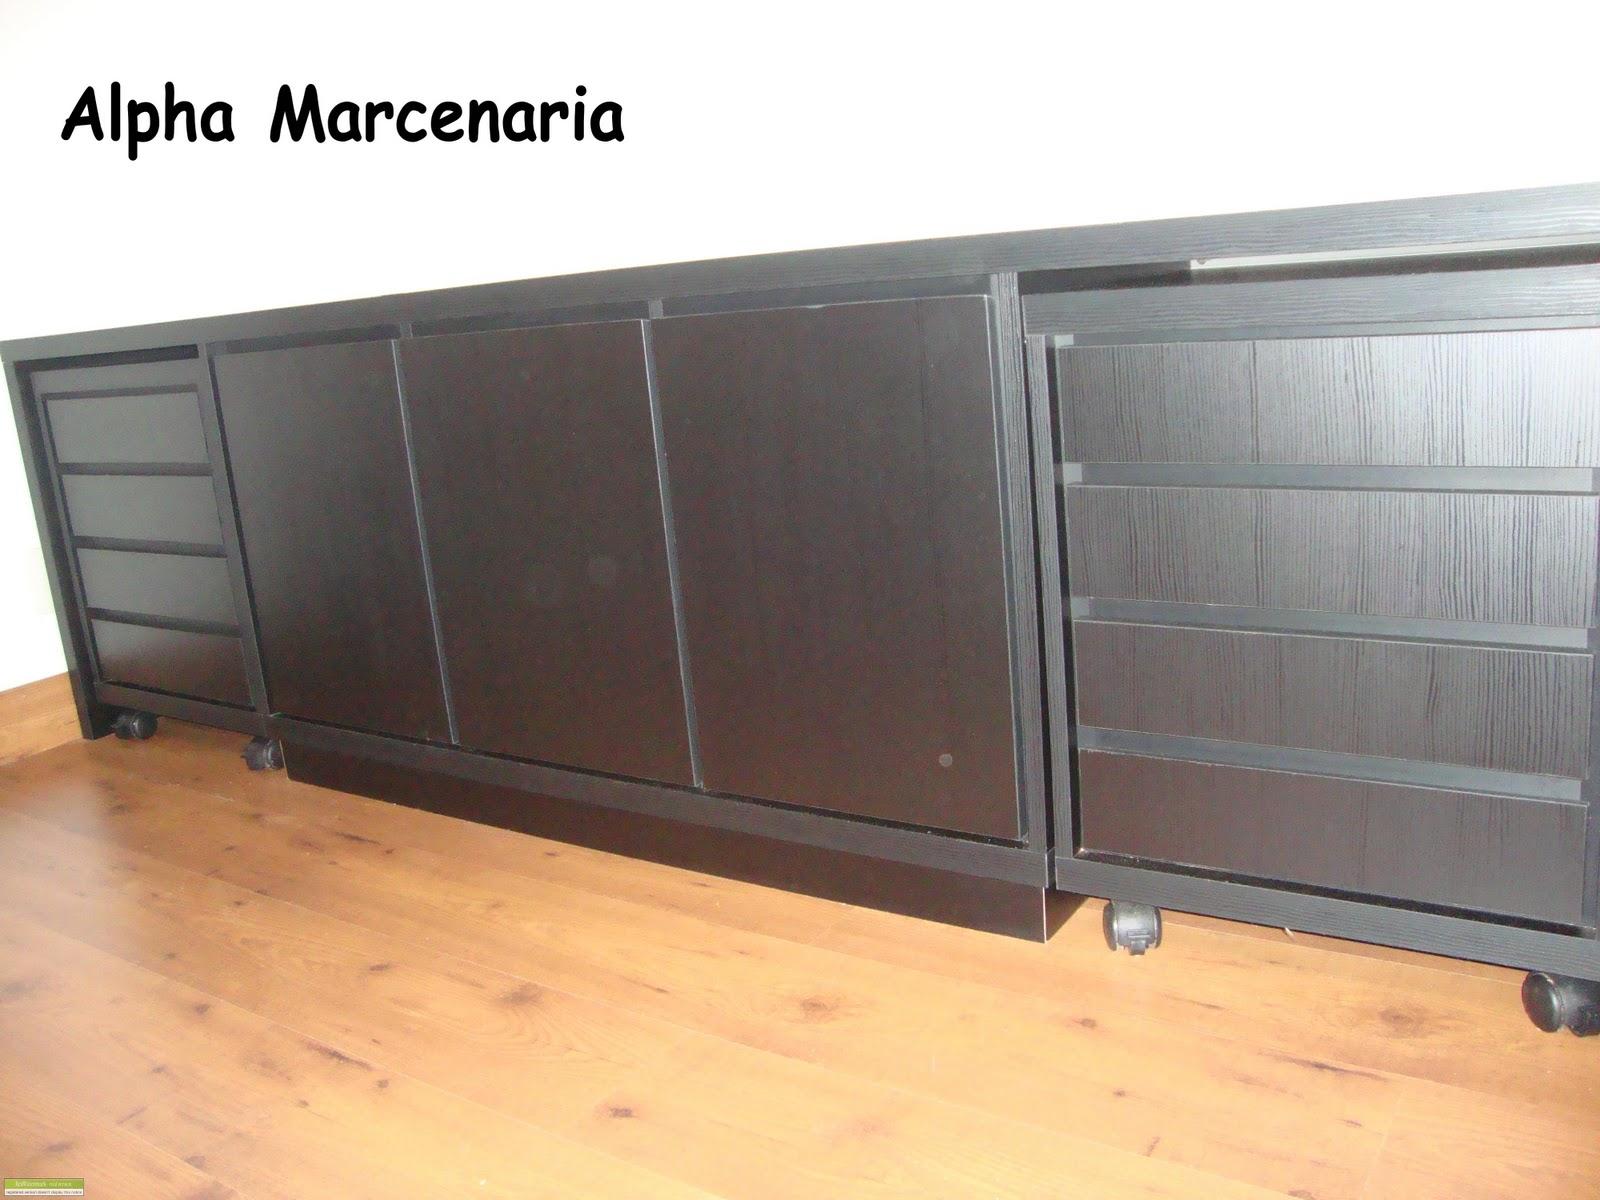 Bancada e gaveteiros com rodinhas #BC6B0F 1600x1200